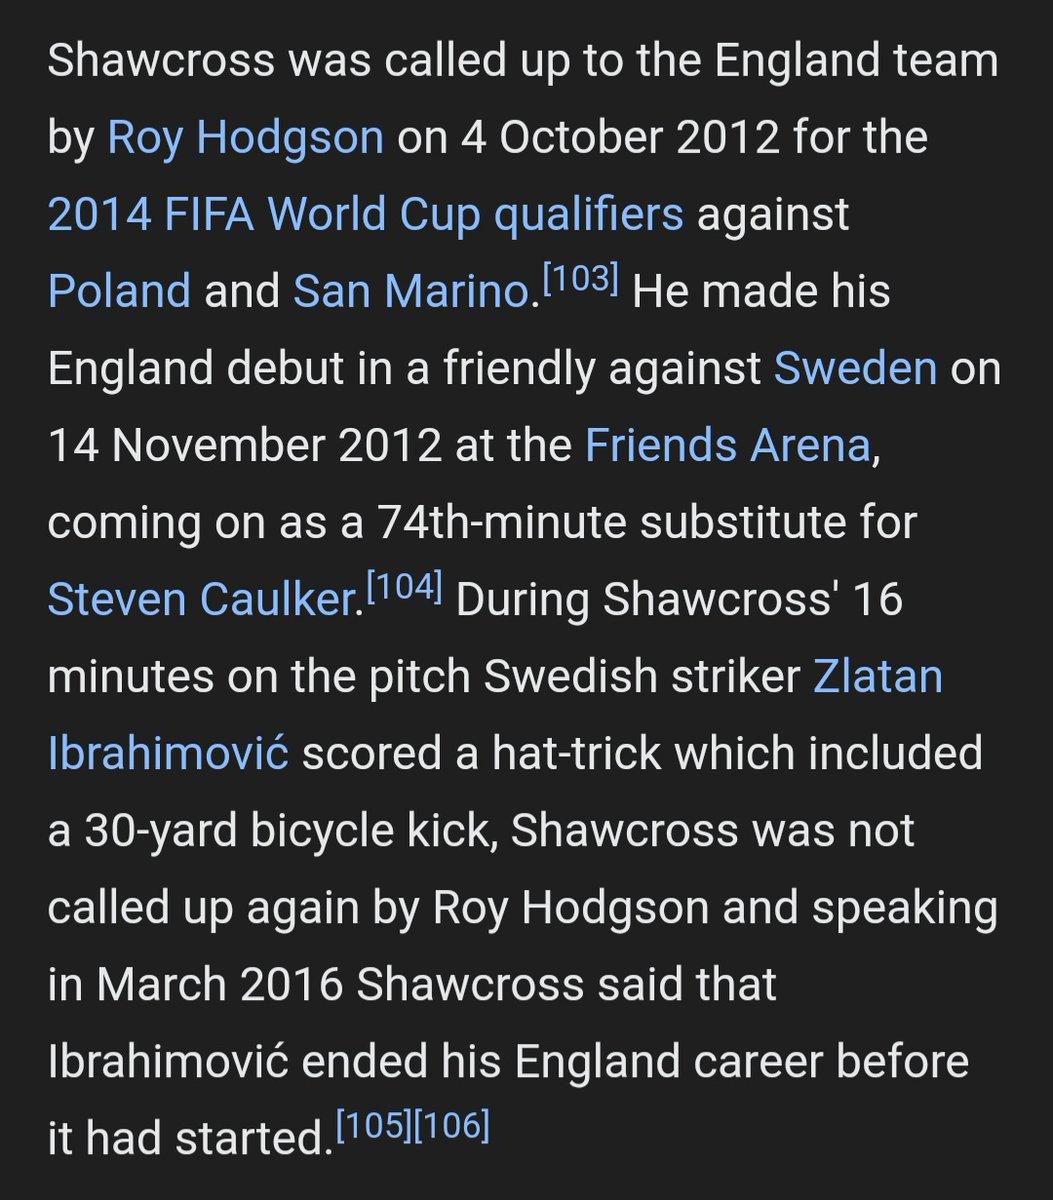 @FIFAcom @Ibra_official @svenskfotboll @kravz100 i bet you remember this too